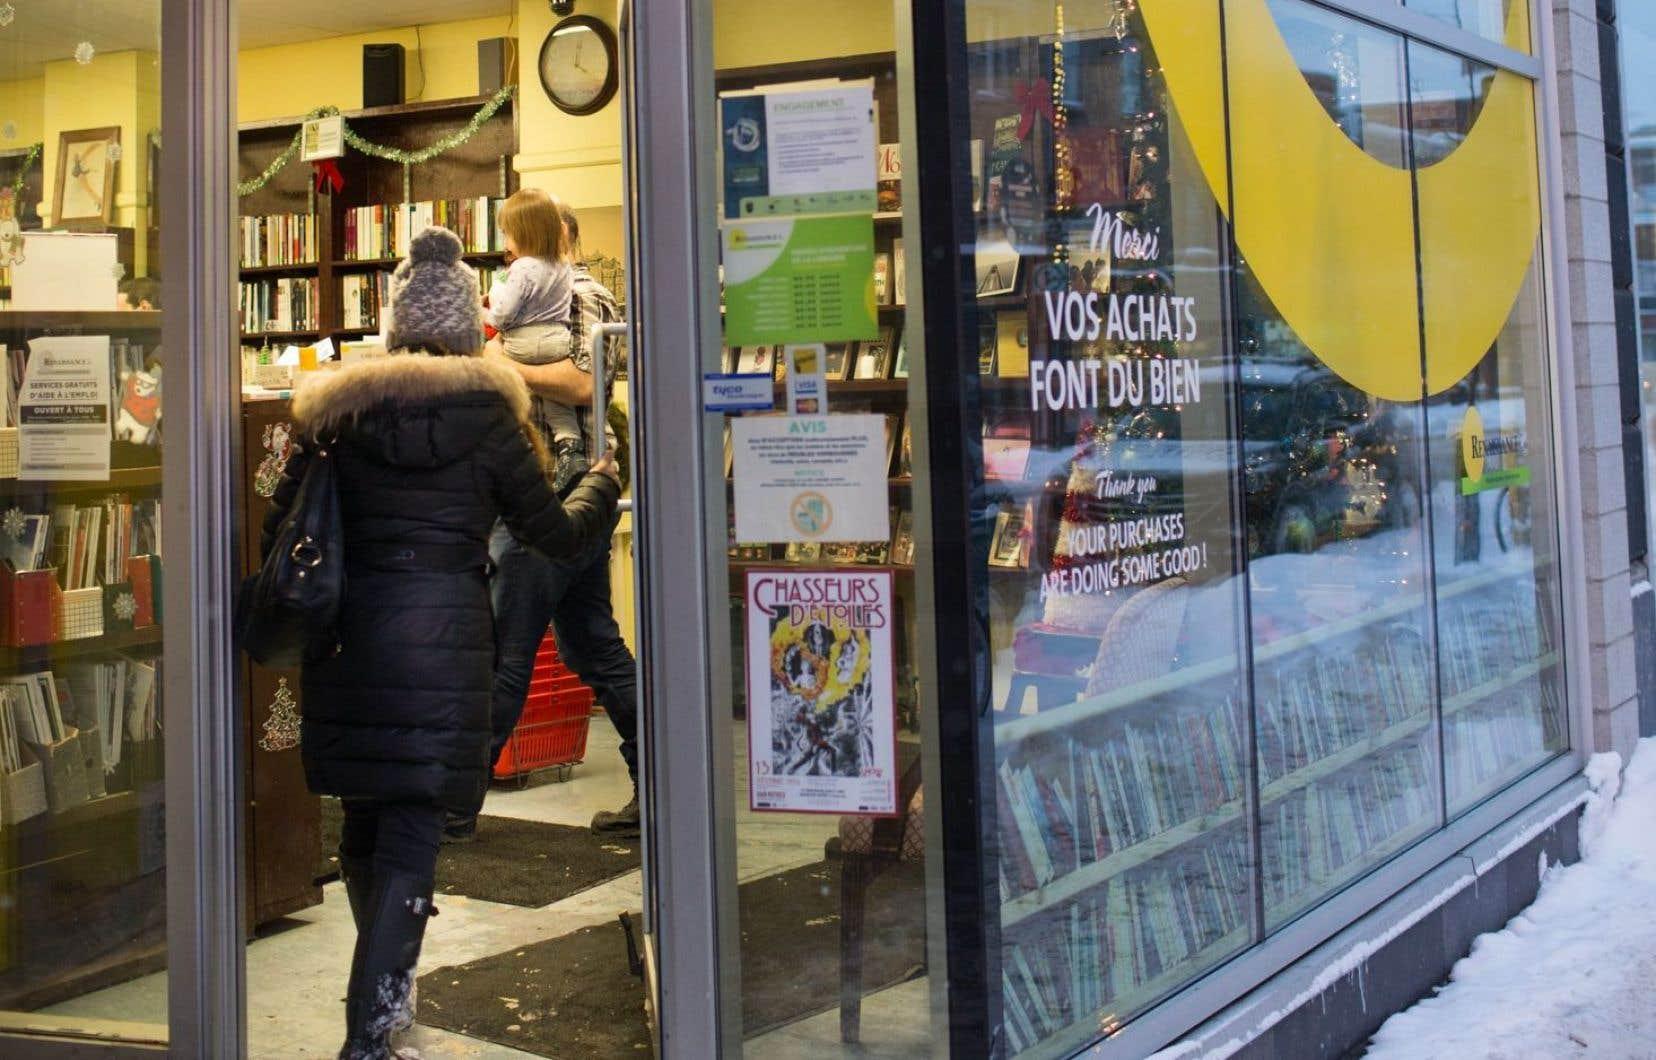 Les friperies, dont les magasins Renaissance, relèvent d'un marché différent de celui du livre.